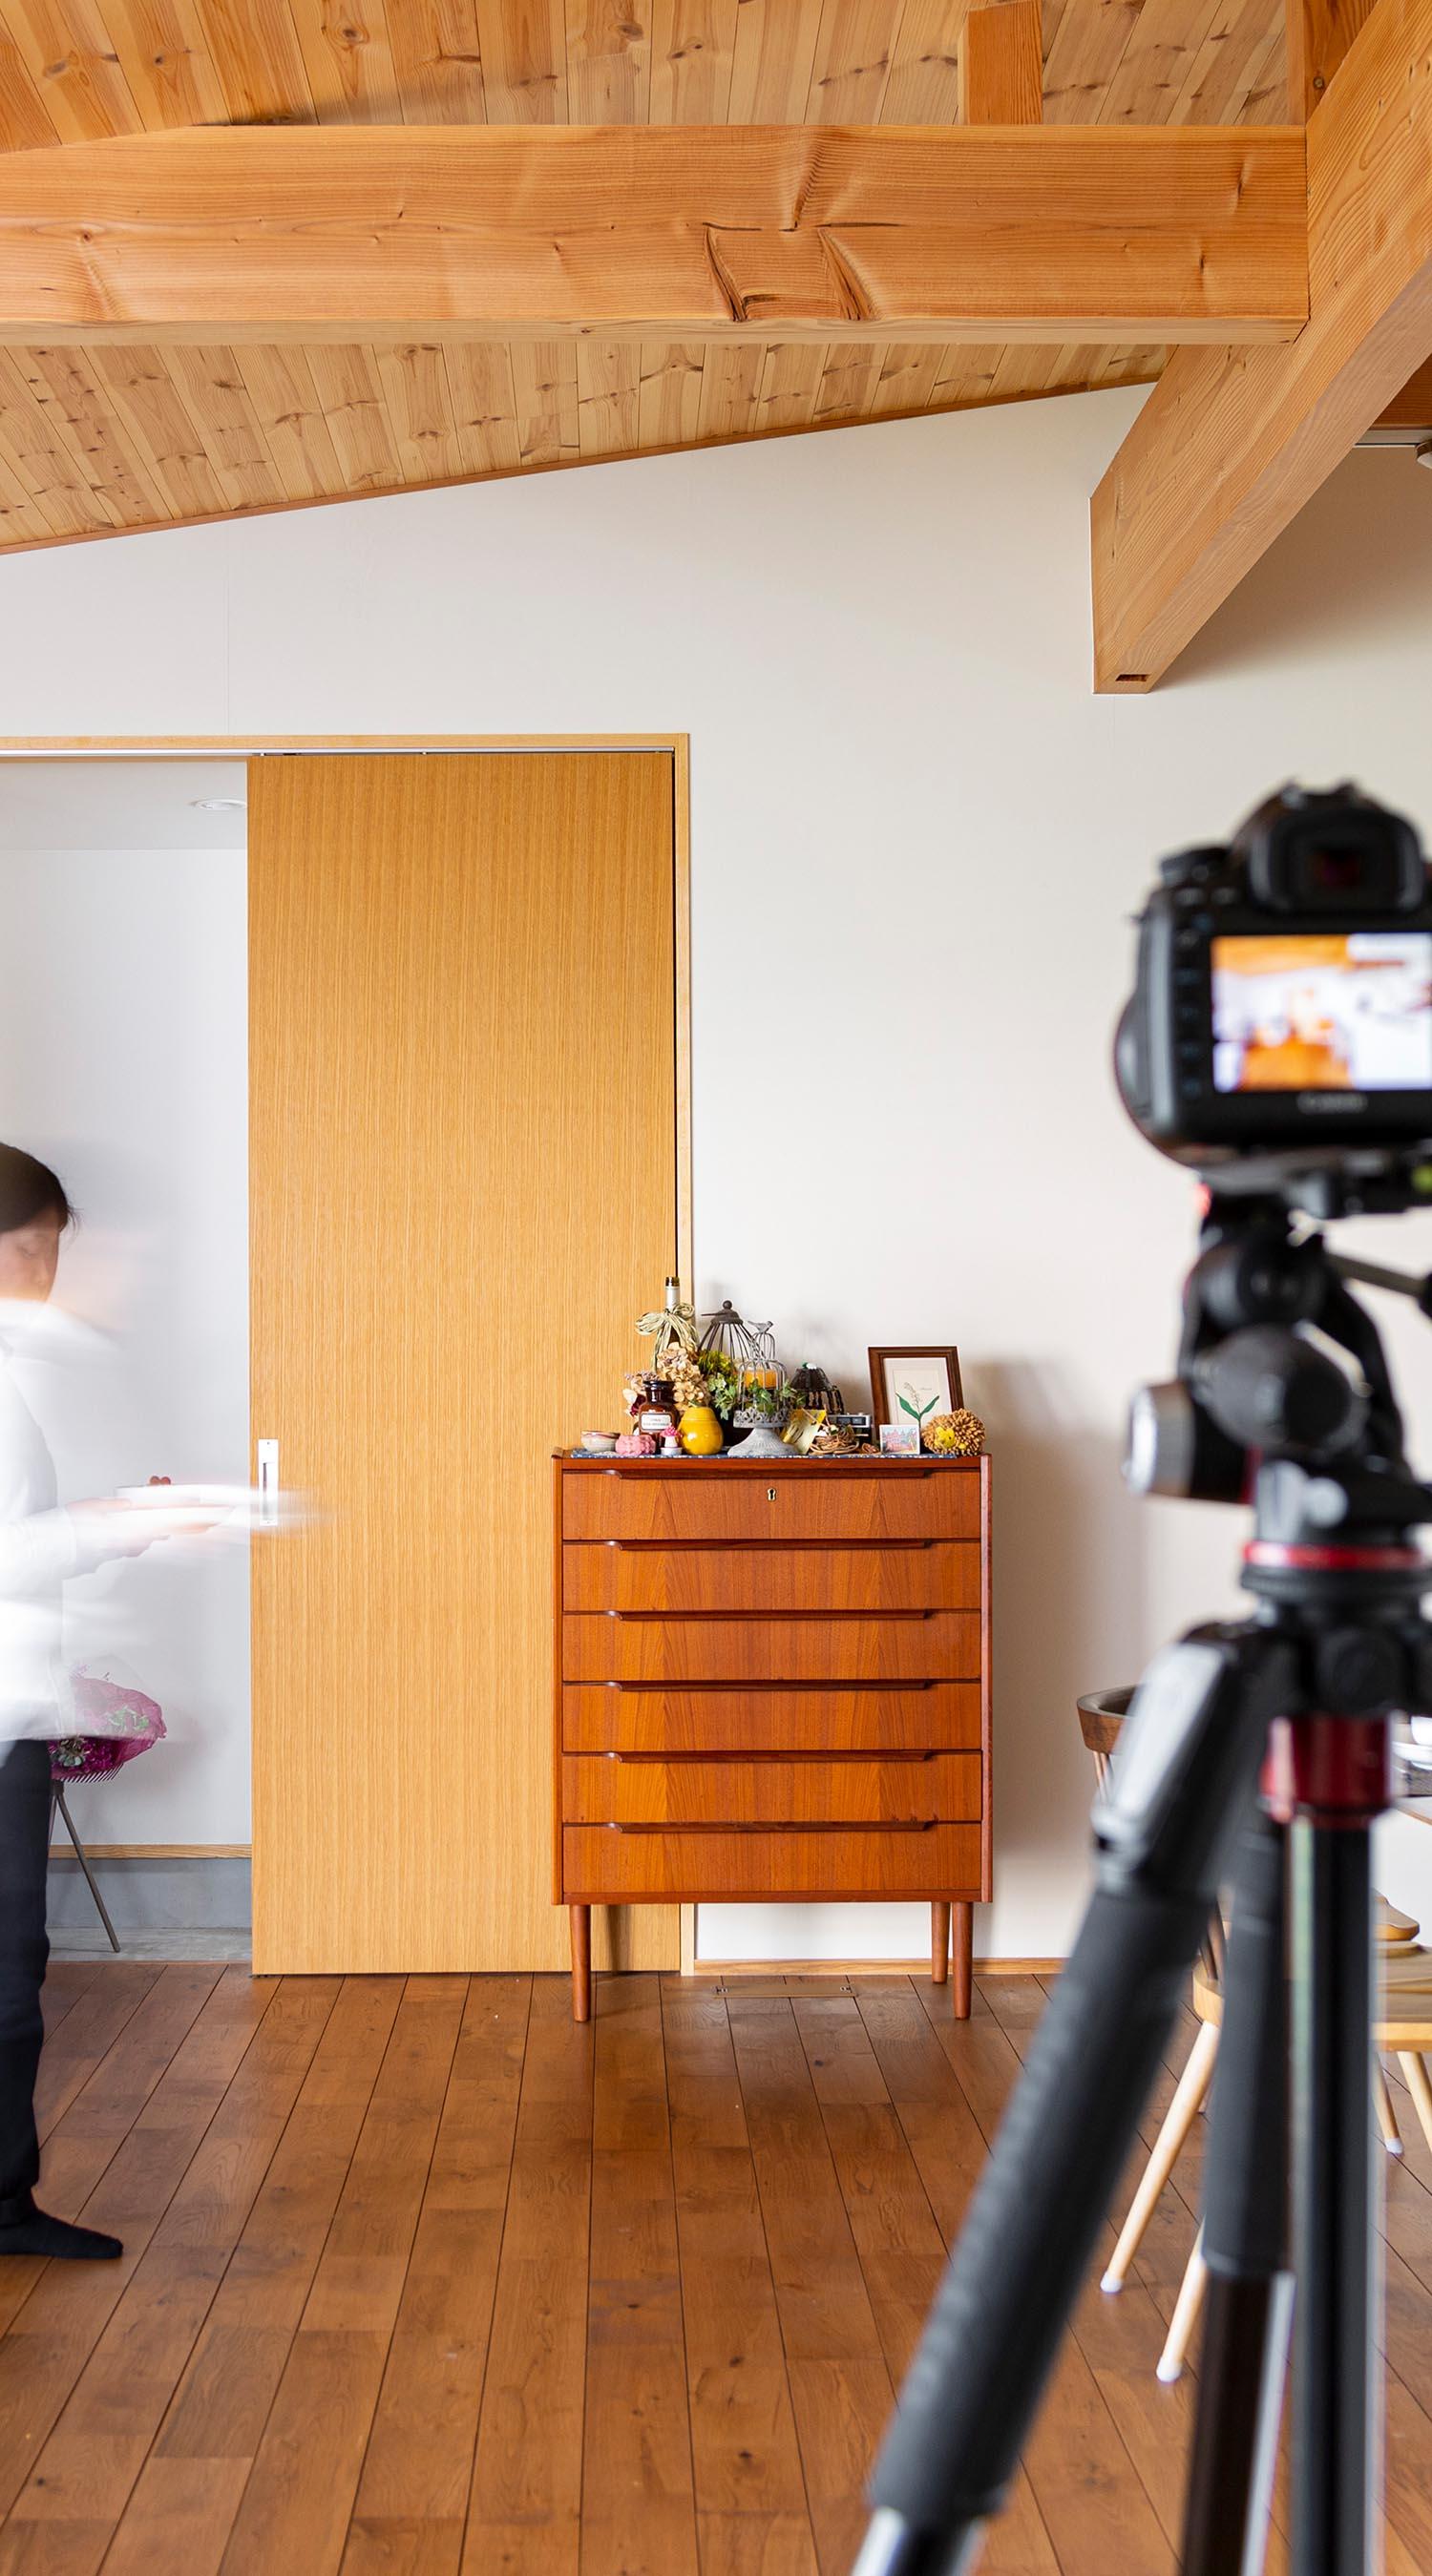 住宅撮影のワンストップサービス「iedori」